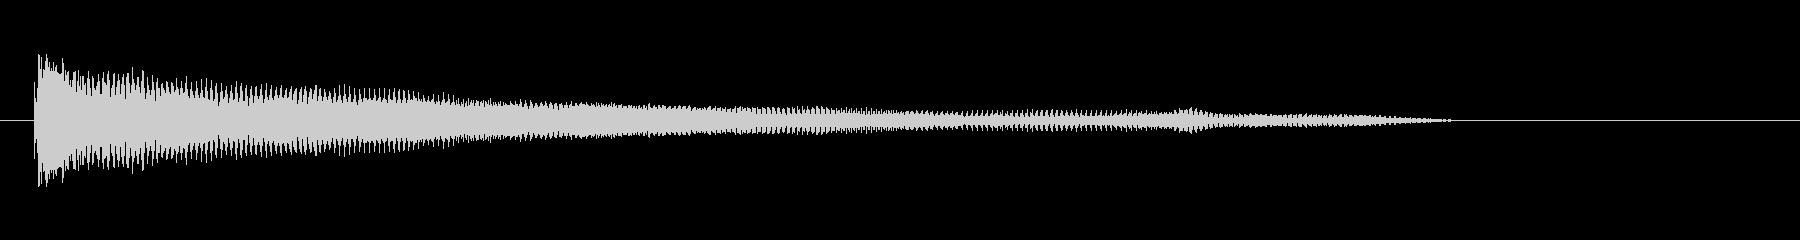 グランドピアノ、(弦楽器)、ディー...の未再生の波形